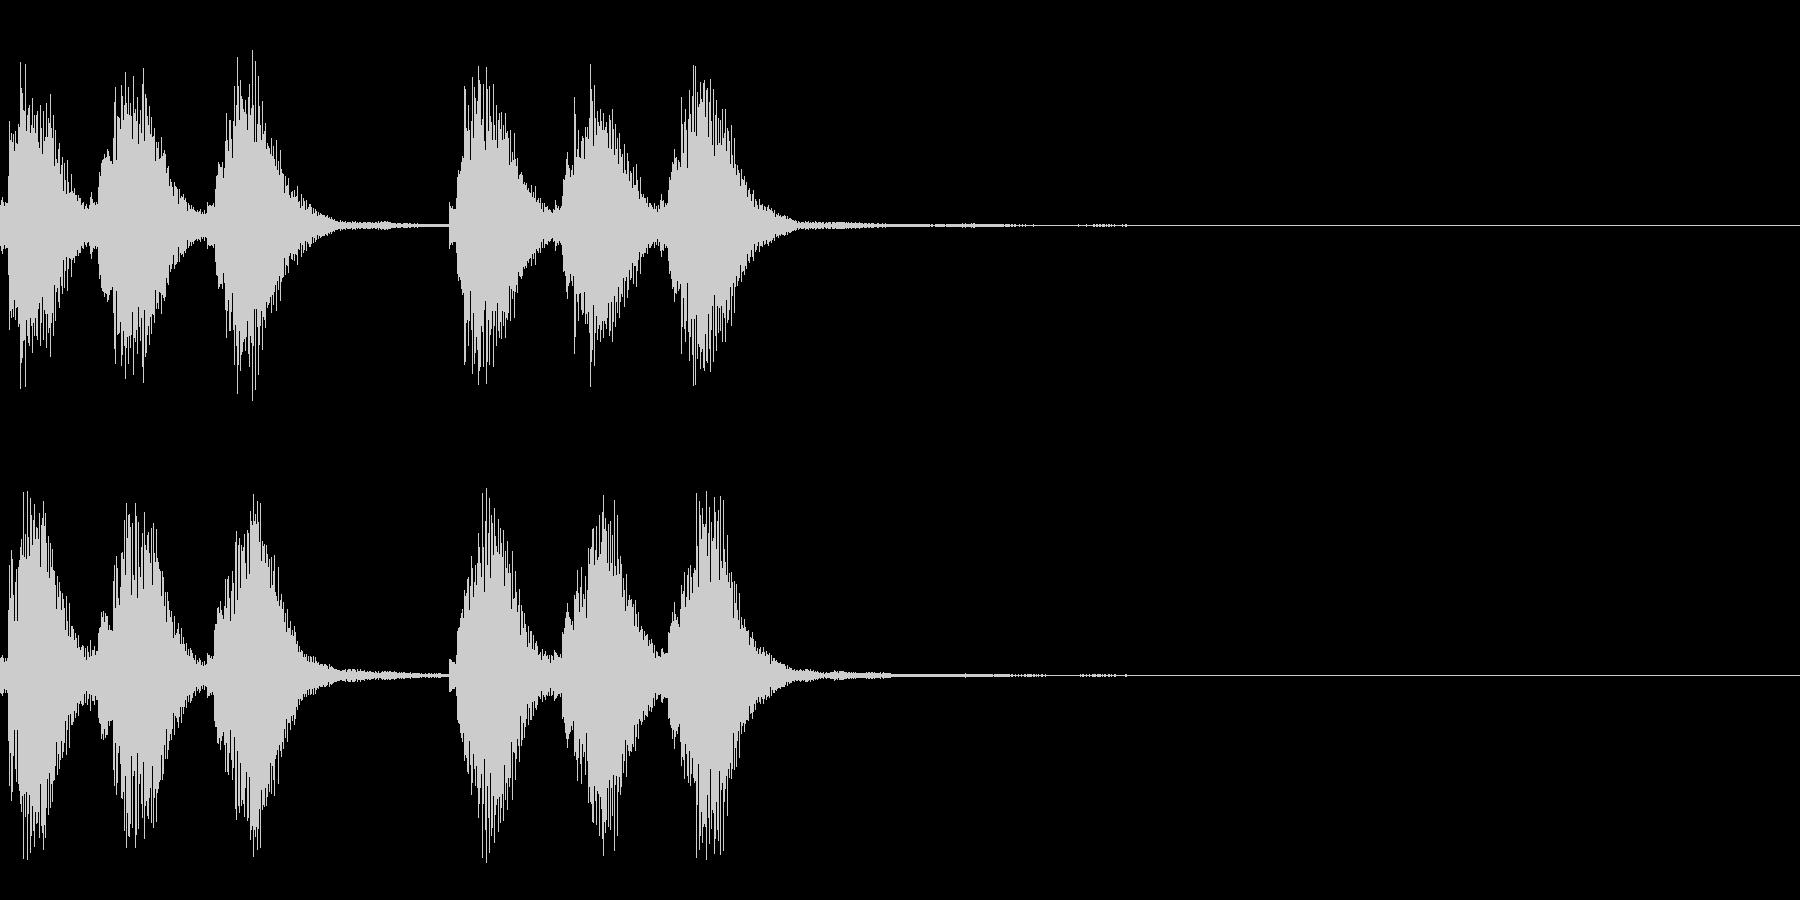 爽やかで歯切れの良いアラーム・着信音の未再生の波形